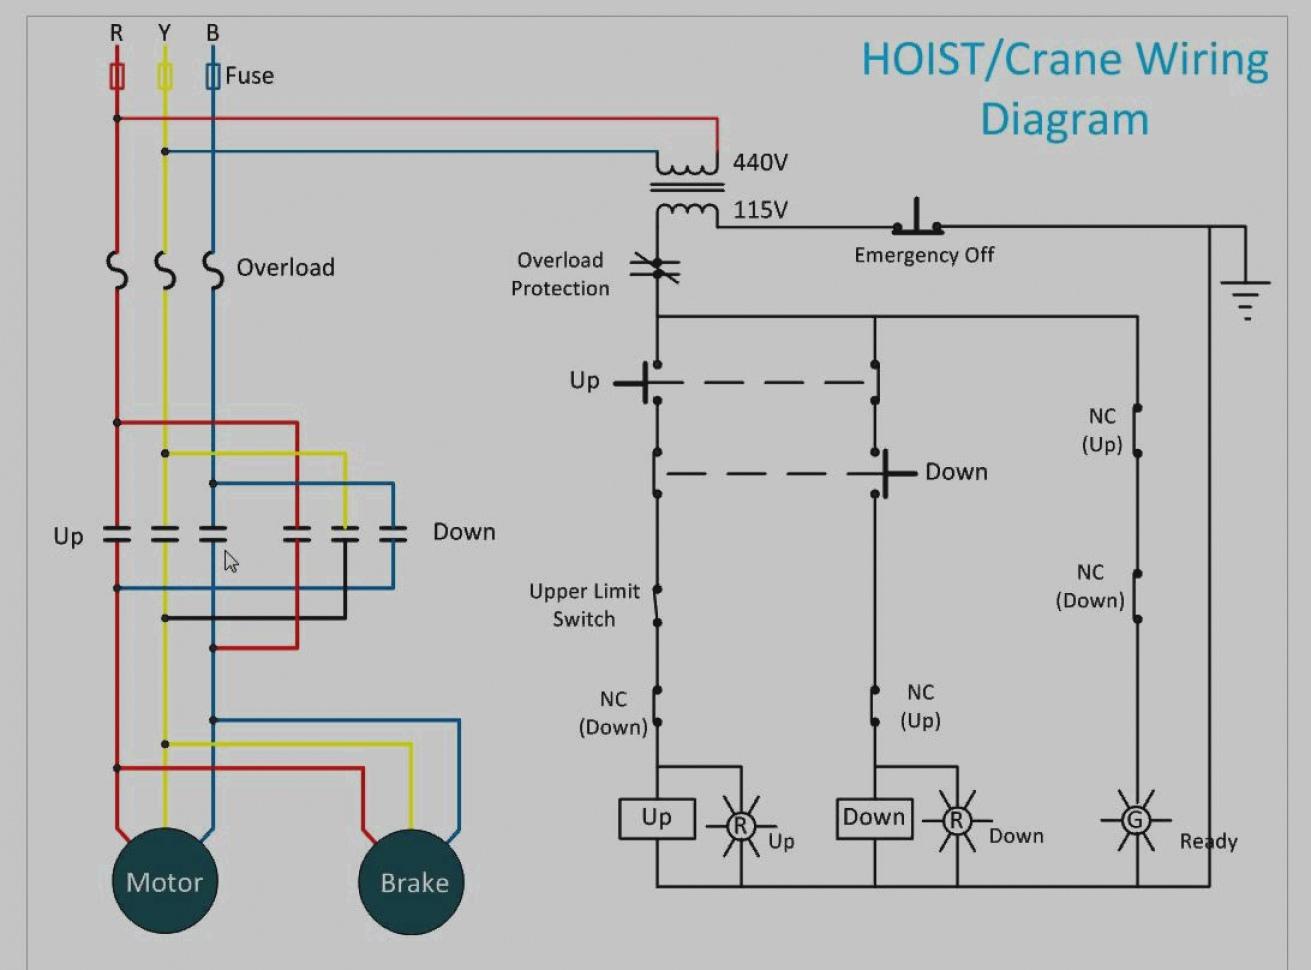 [CSDW_4250]   XF_1564] Cm Hoist Wiring Diagram Cm Hoist Wiring Diagram Manual Chain Hoist  Download Diagram | Chain Motor Wiring Diagram |  | Proe Hison Ospor Tool Tixat Mohammedshrine Librar Wiring 101